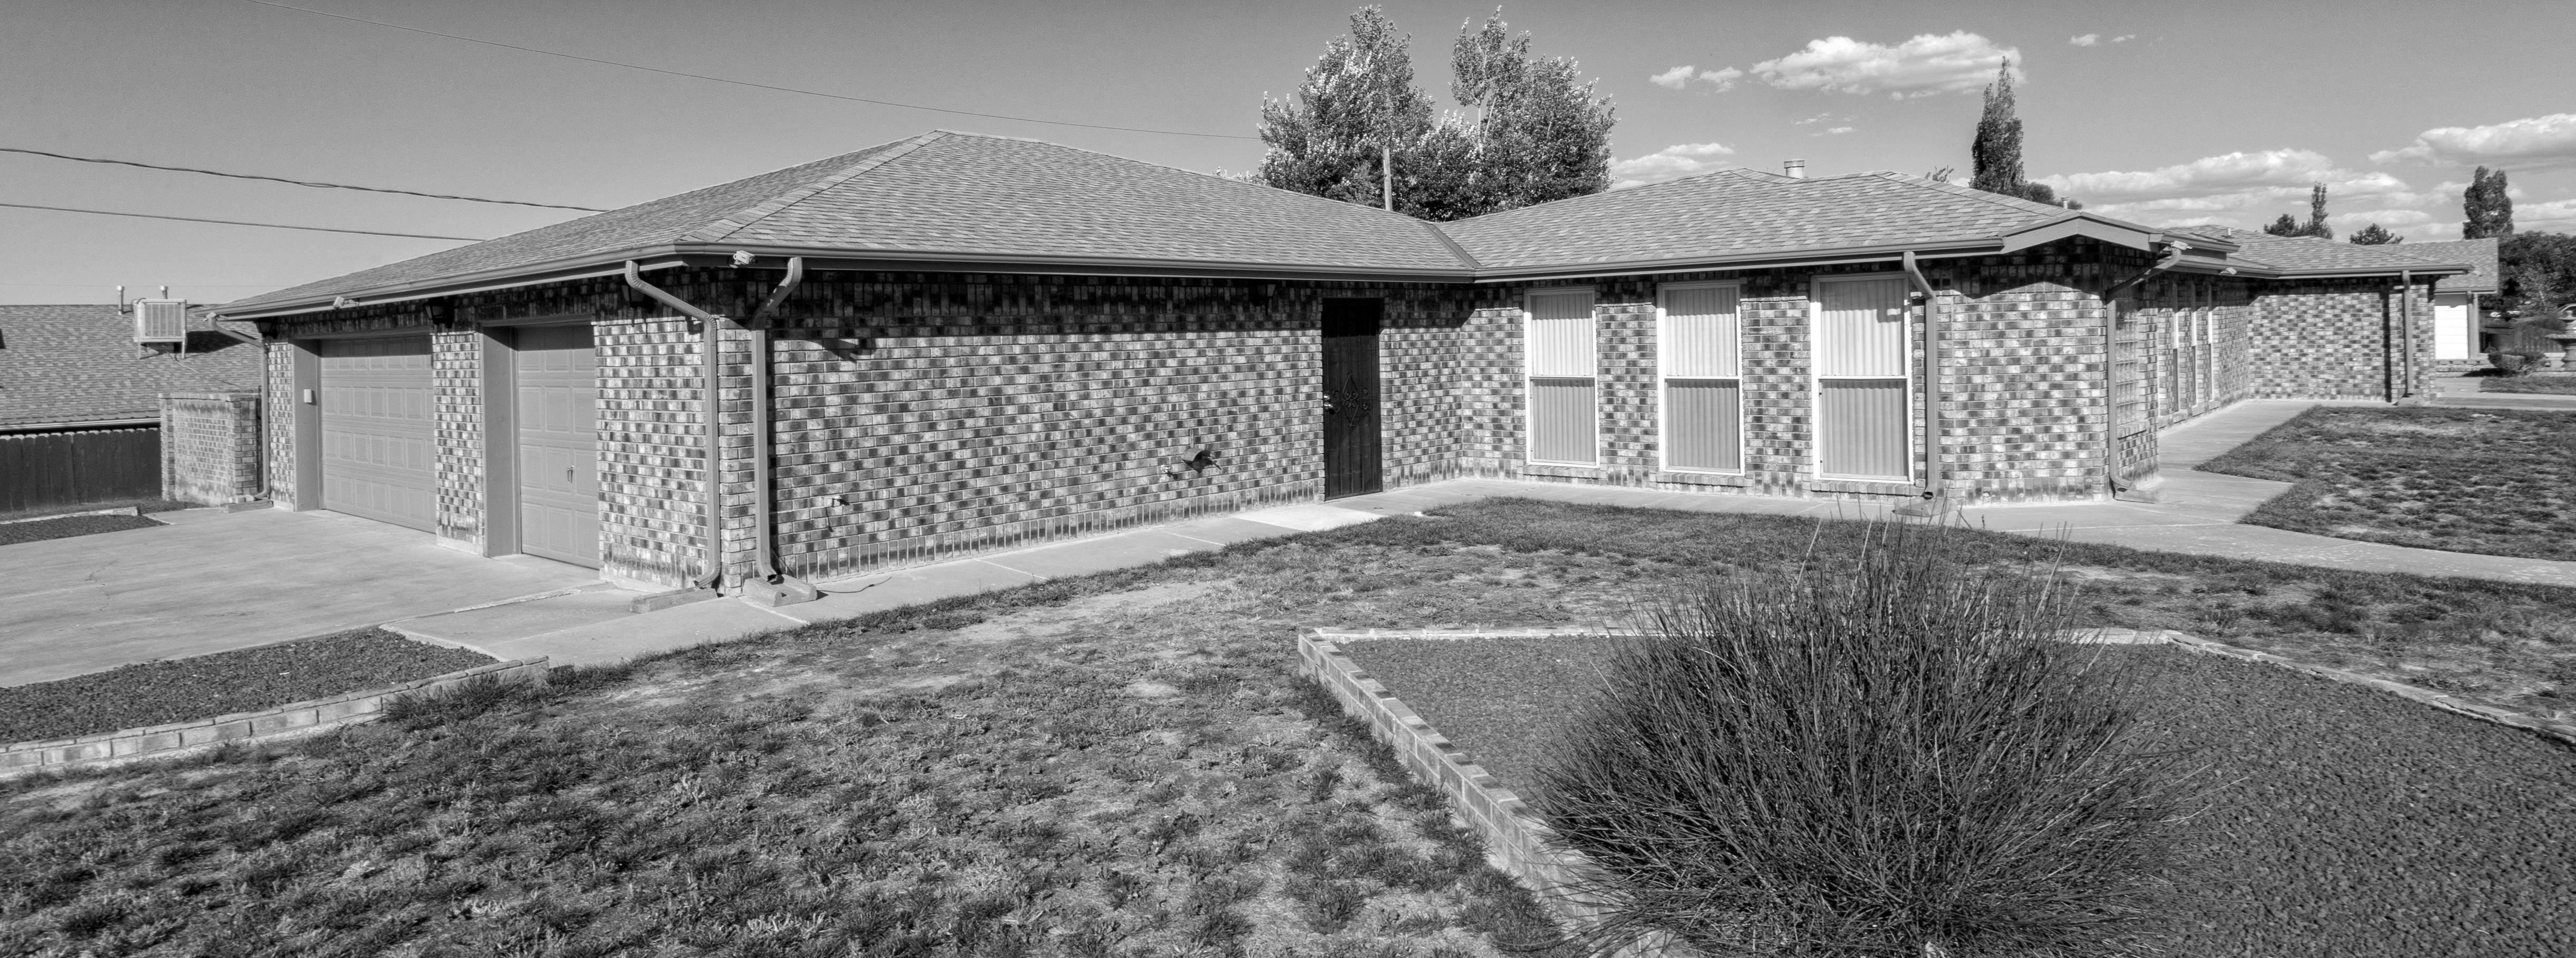 3701 Chaco, Gallup, New Mexico 87301